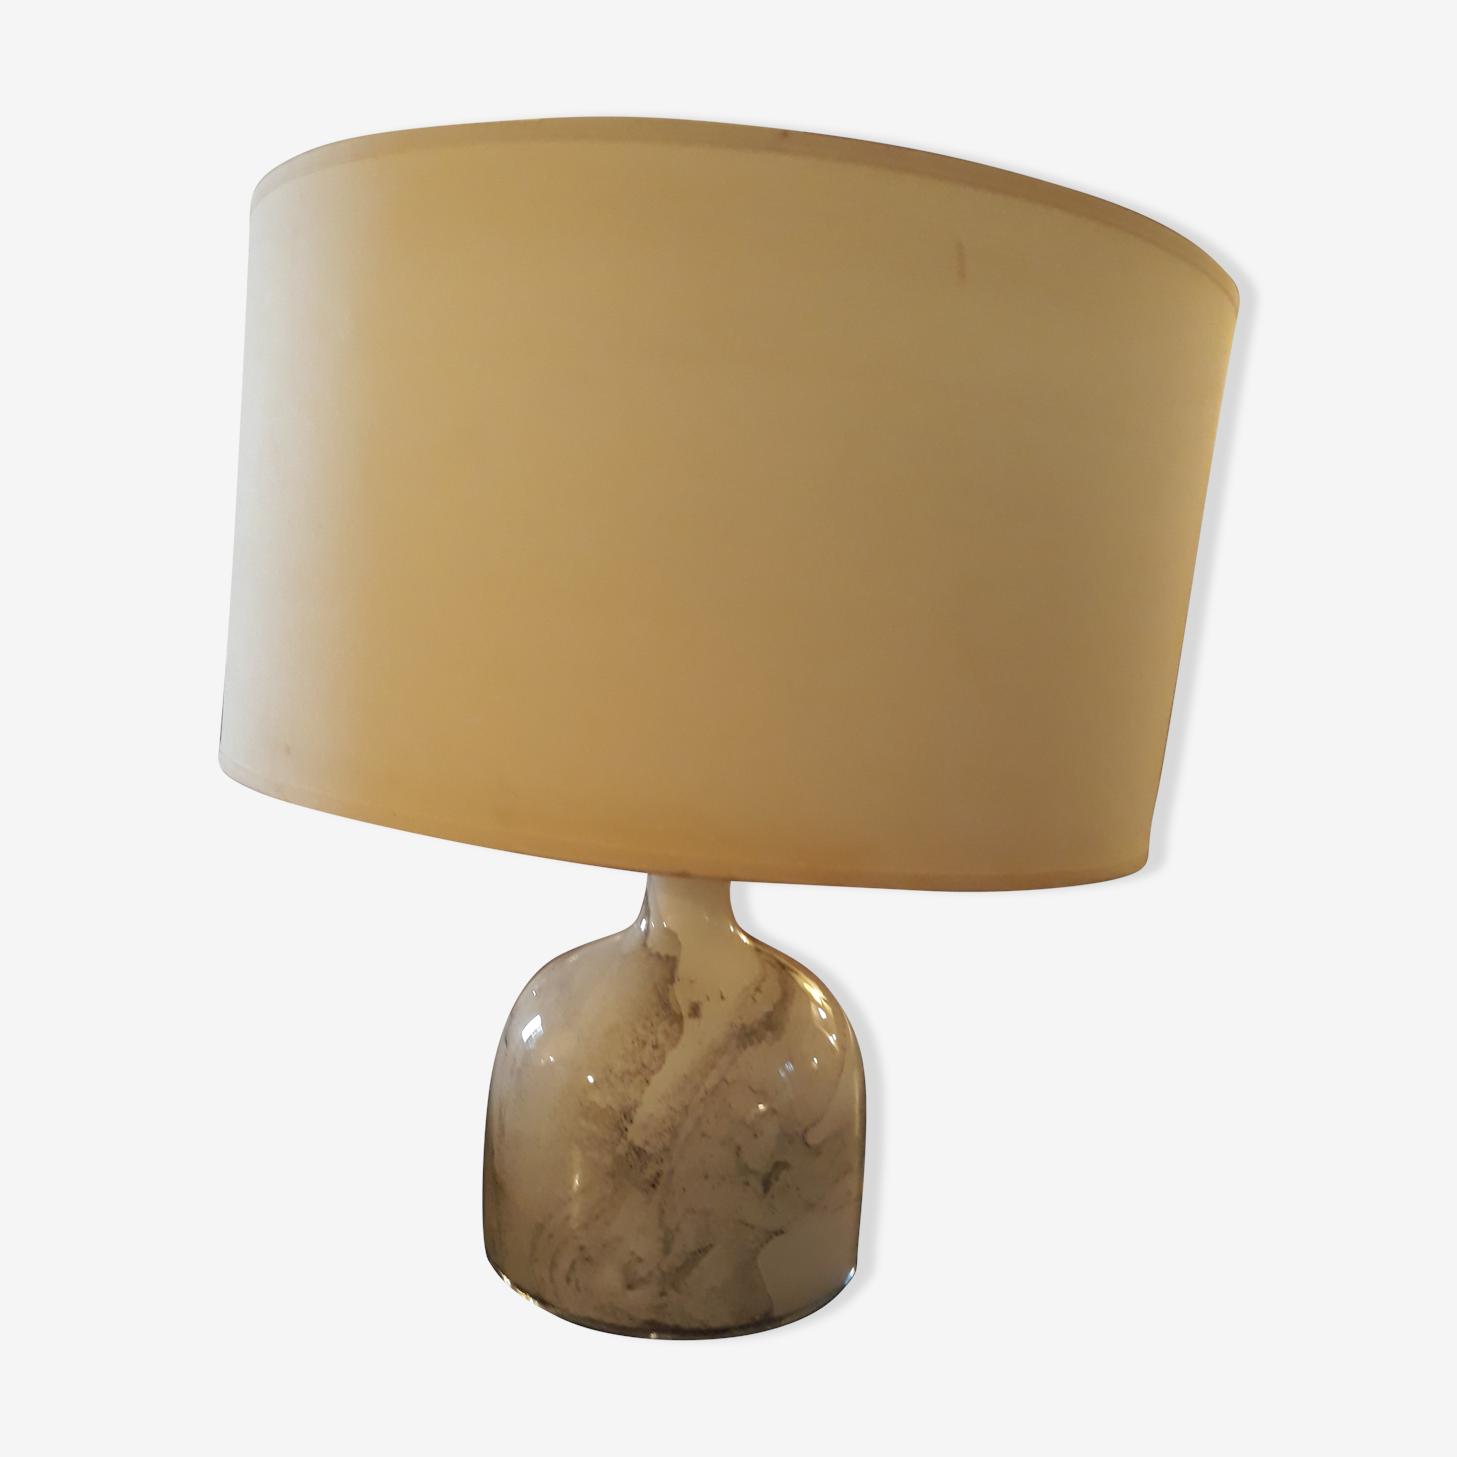 Lampe Holmegaard Danemark design 60-70